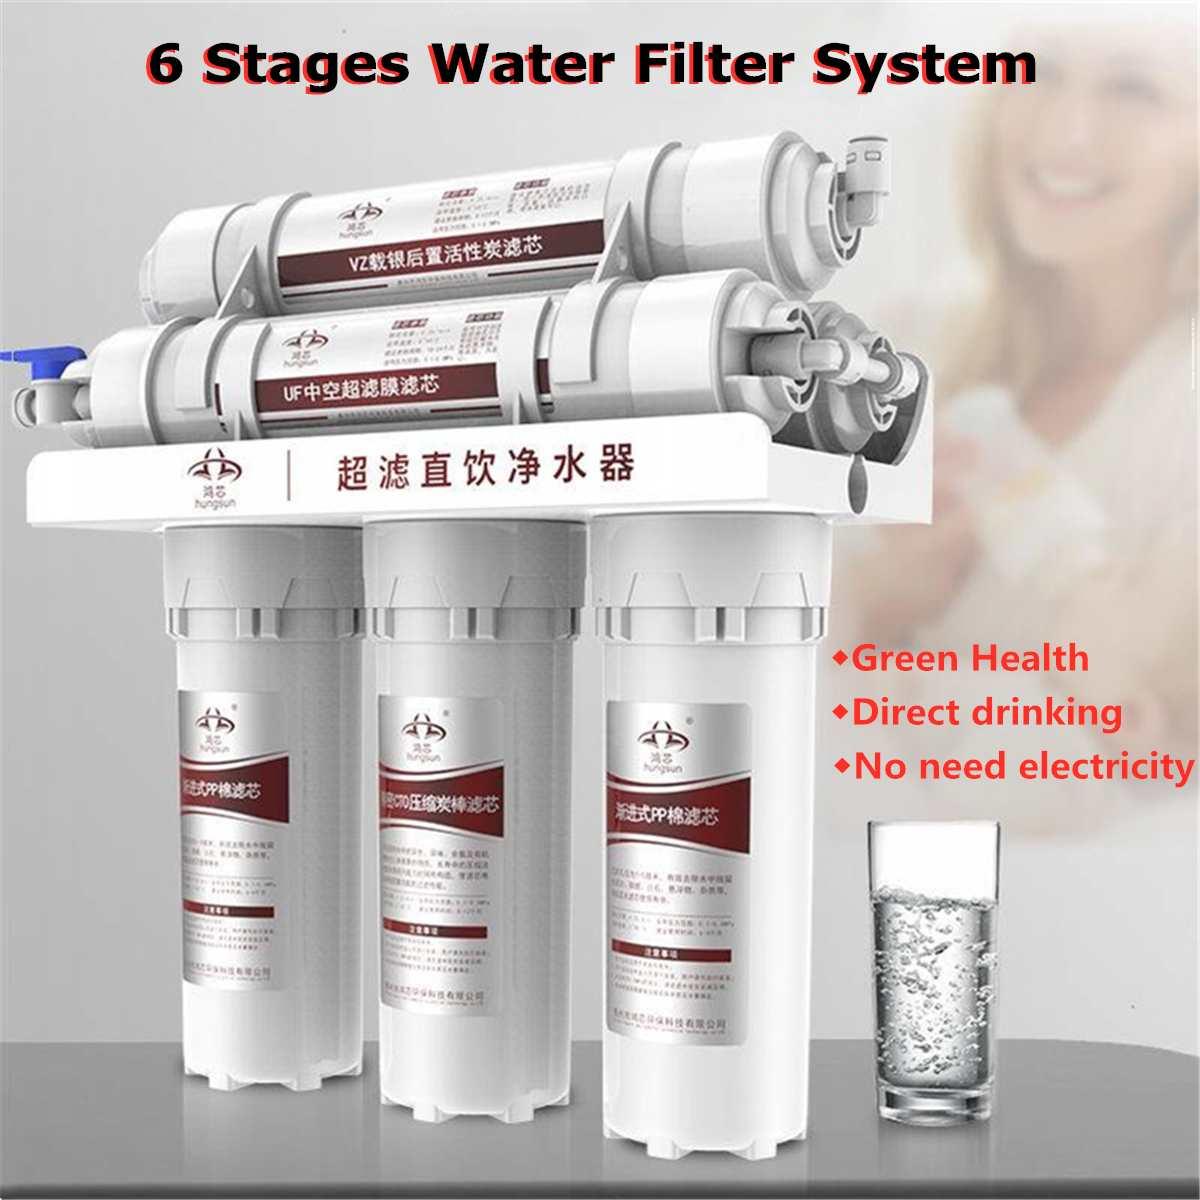 6-نظام تصفية المياه UF تنقية المنزل صنبور المنزلية Ultras تصفية المياه تصفية المطبخ المنزل تنقية المياه مرشحات